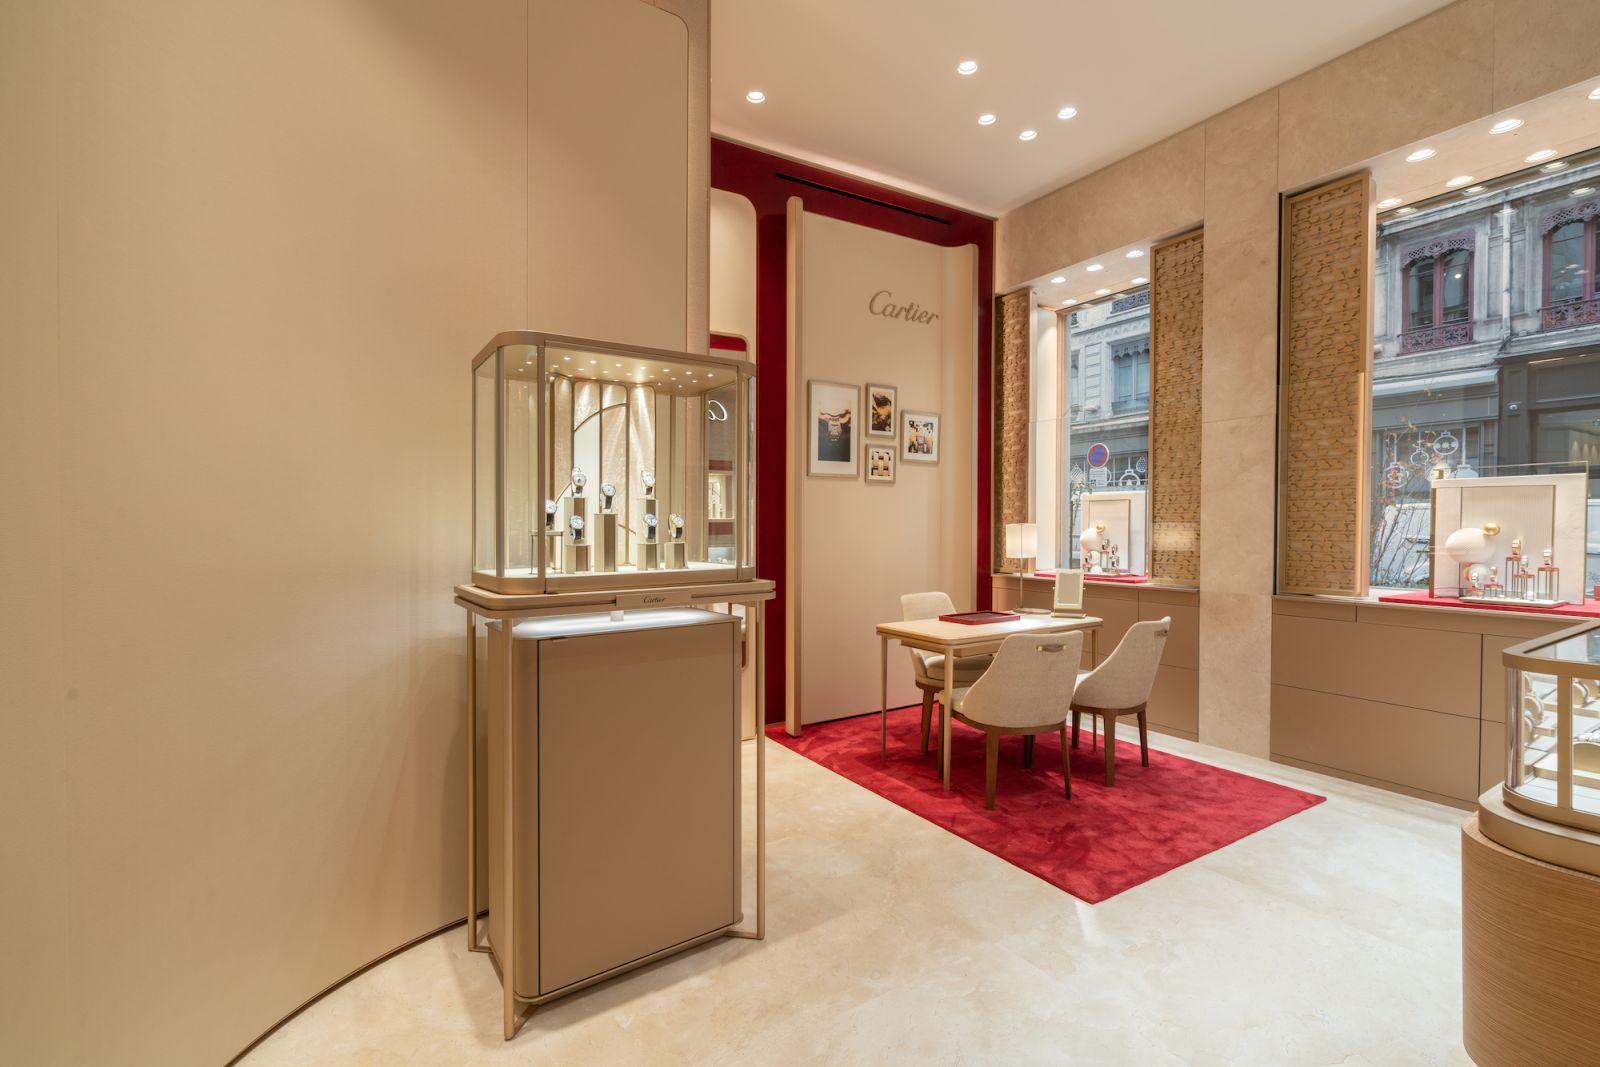 Espace Cartier Lyon